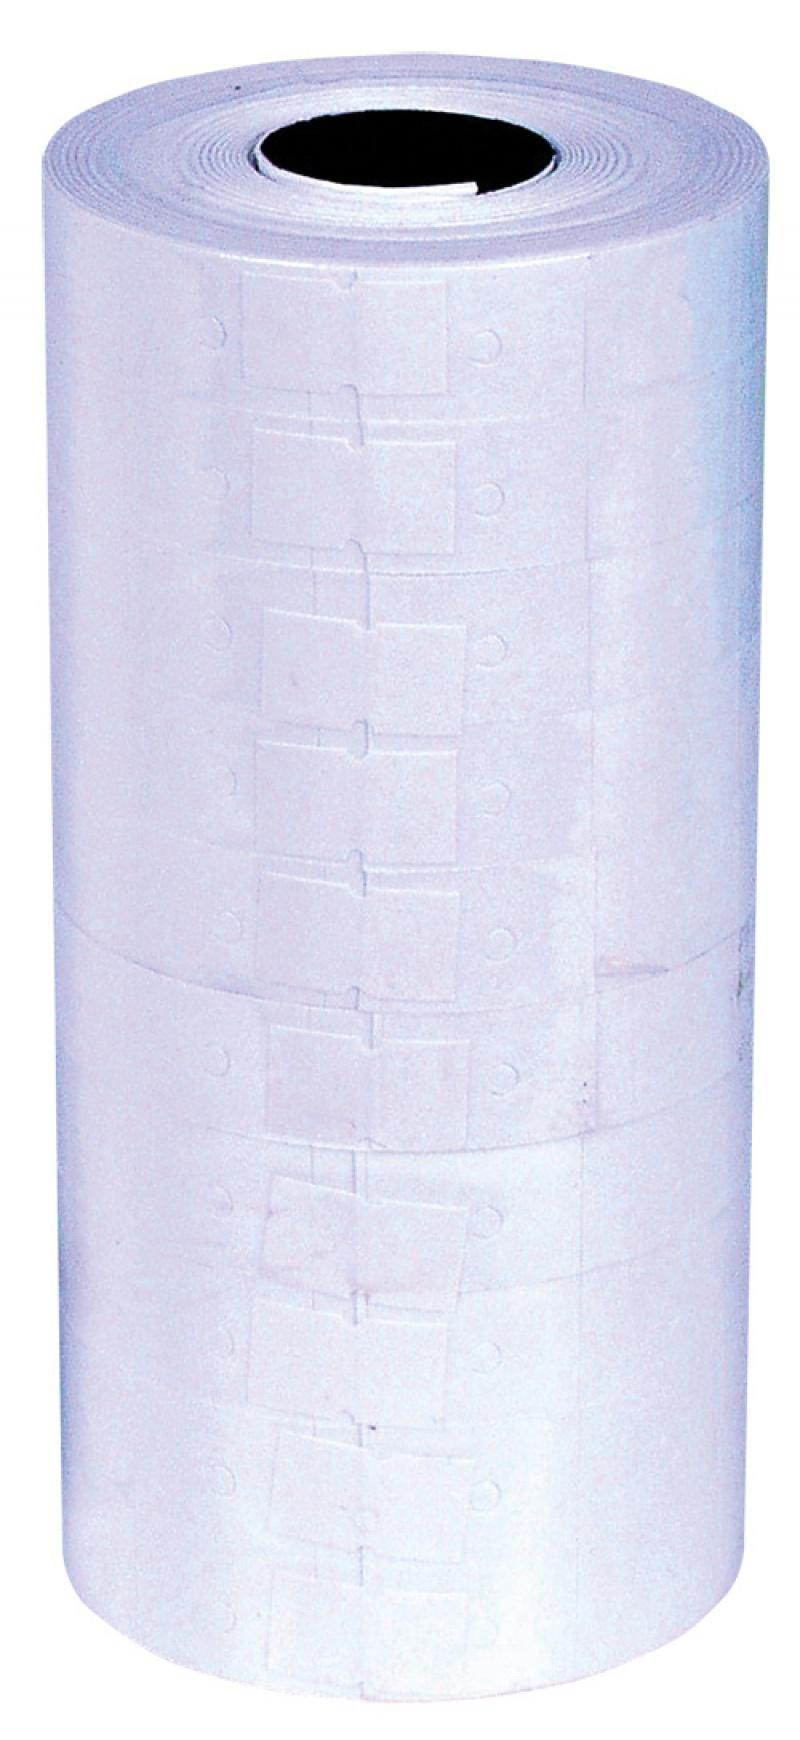 Etykiety do metkownic Q-CONNECT, 23x16mm, dwurzędowe, białe, Metkownice, Urządzenia i maszyny biurowe